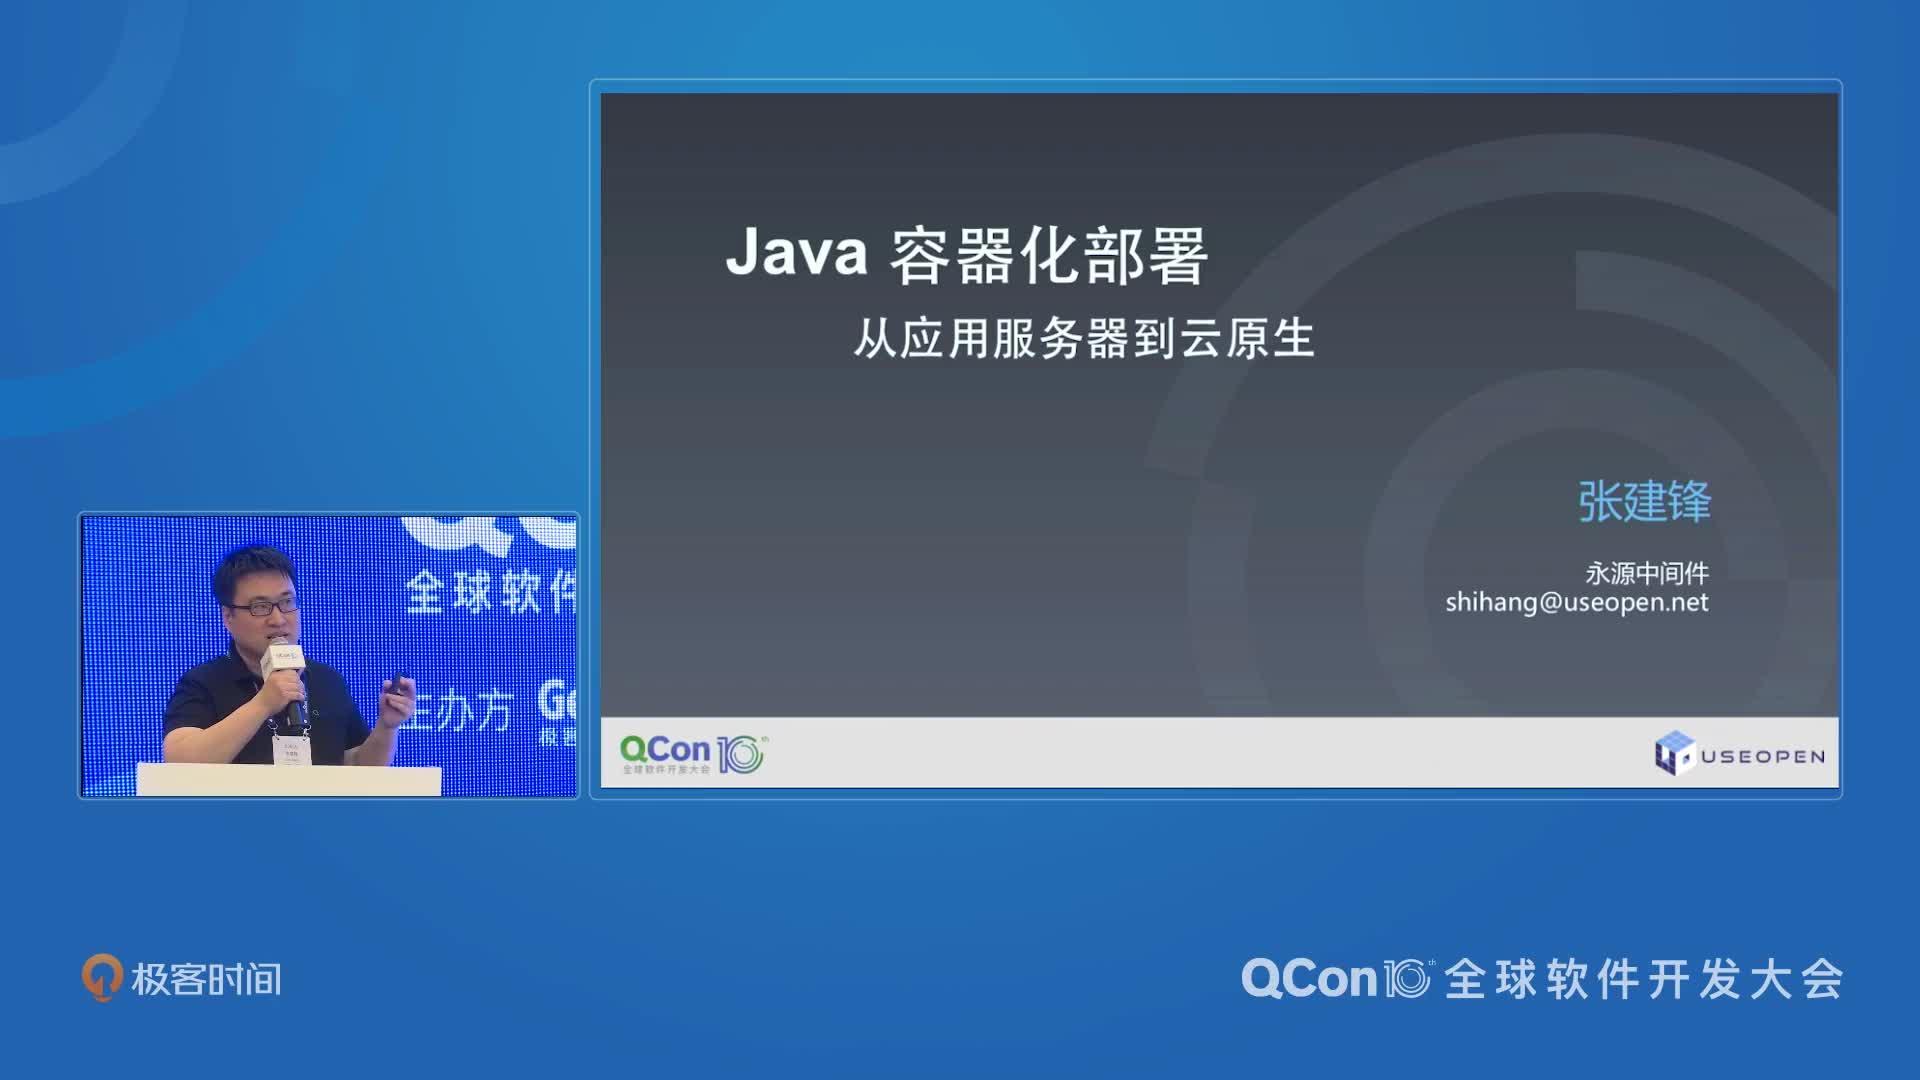 Java 容器化部署--从应用服务器到云原生|QCon